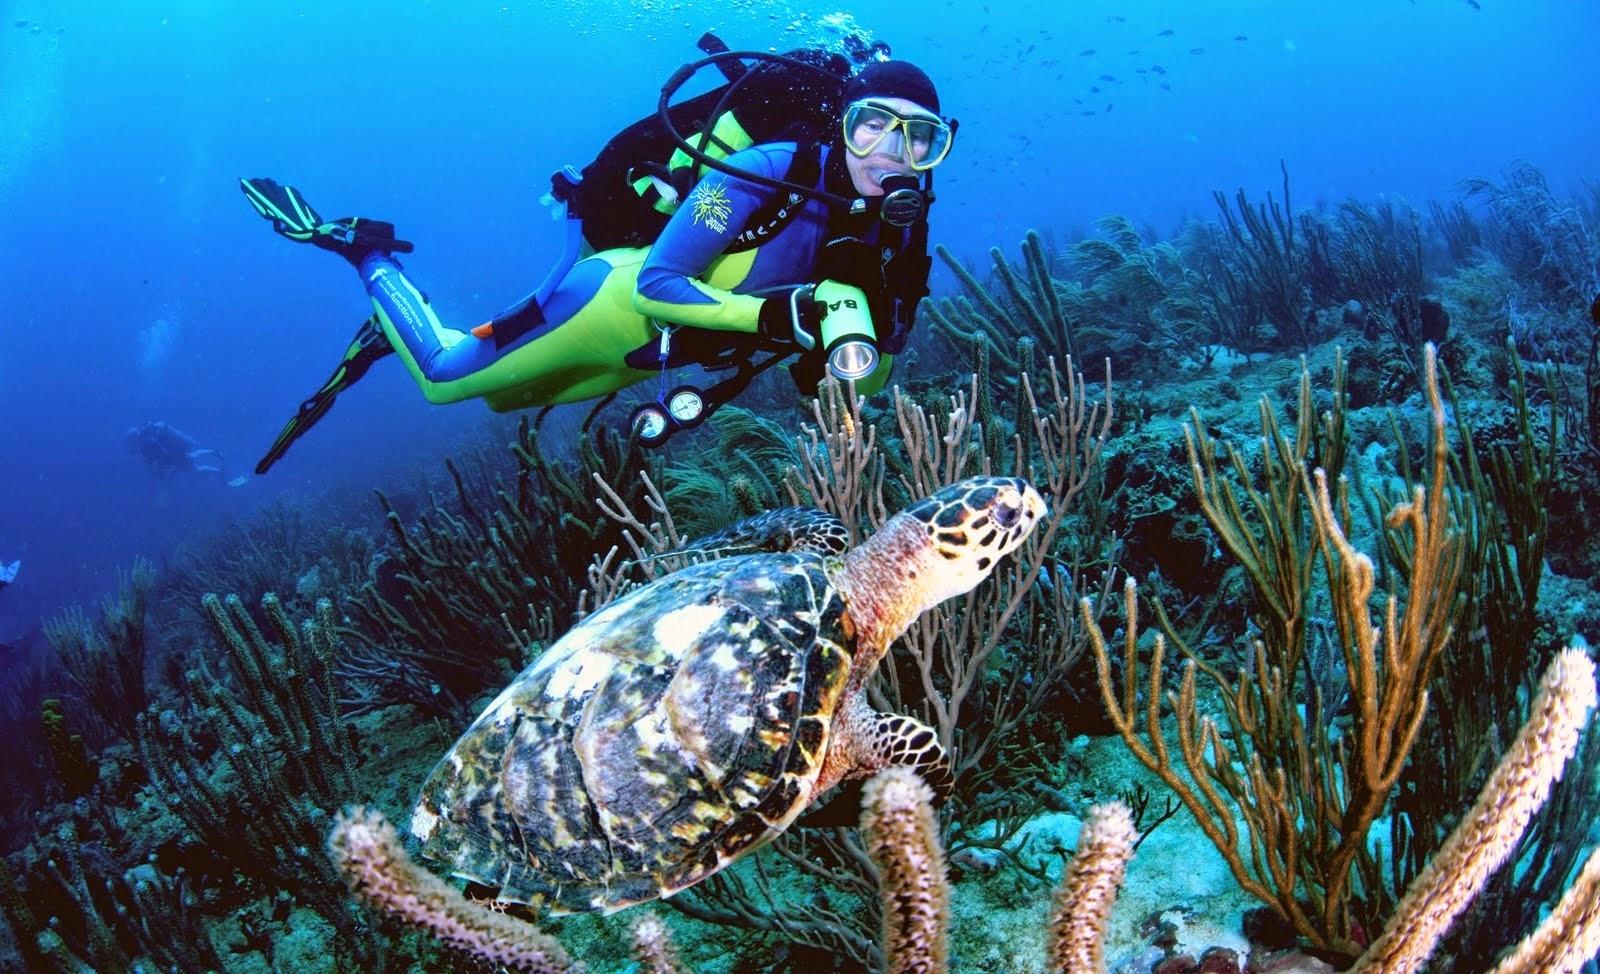 Enjoy the 10 Best Beach Activities near The Ocean View Resort - photo#13